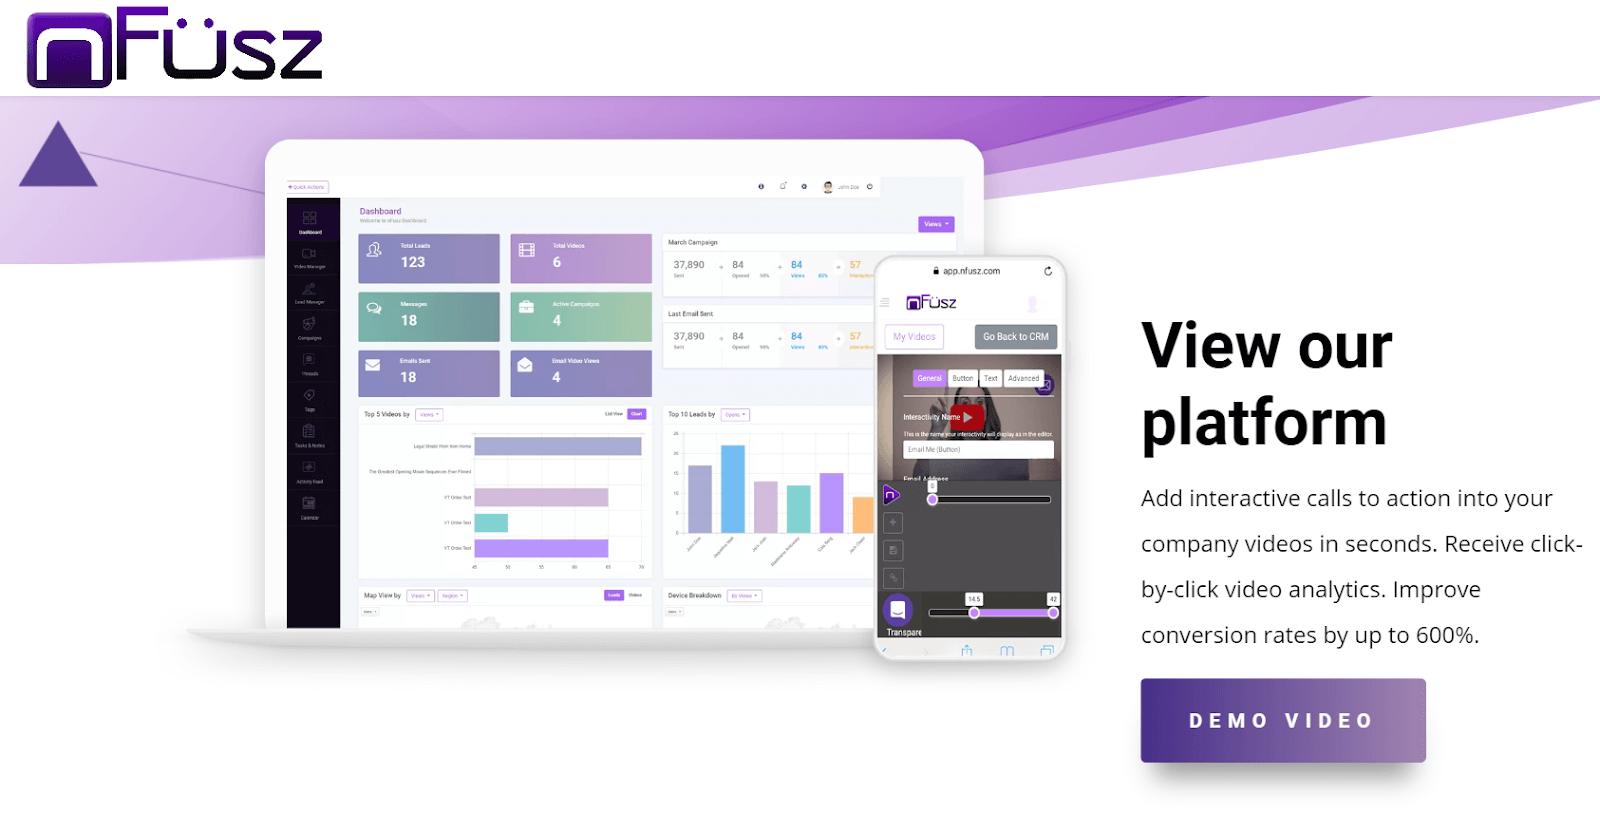 nFusz Video Marketing Tool